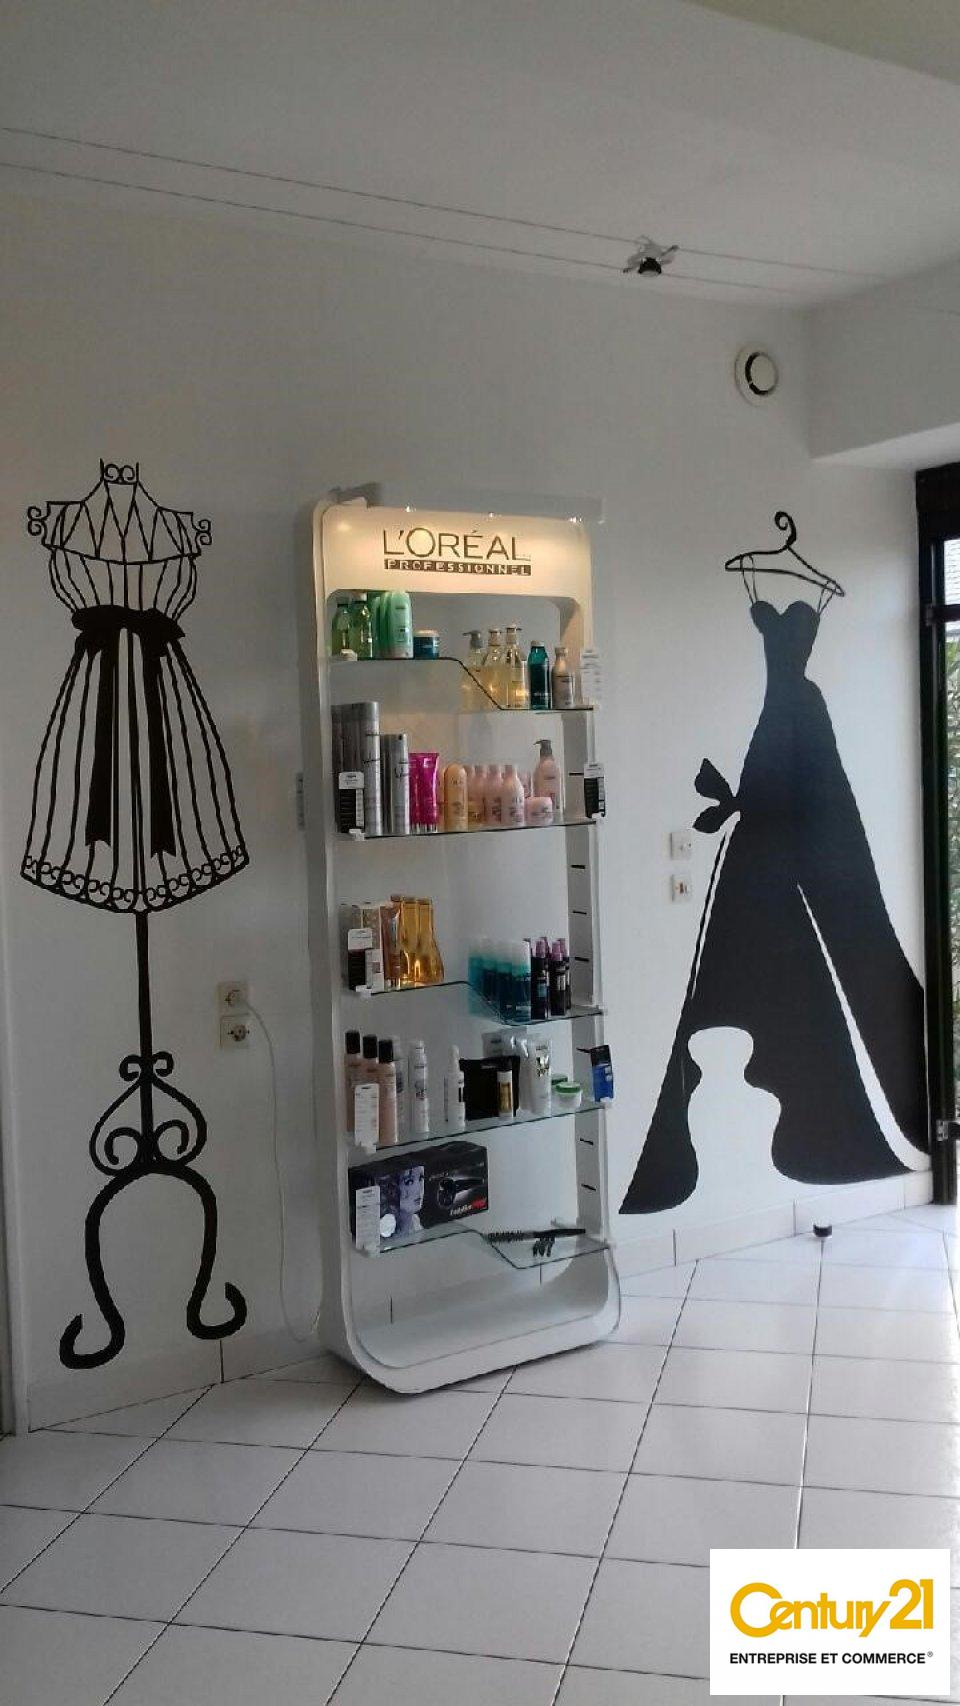 Salon de coiffure à vendre - 53.0 m2 - 72 - Sarthe